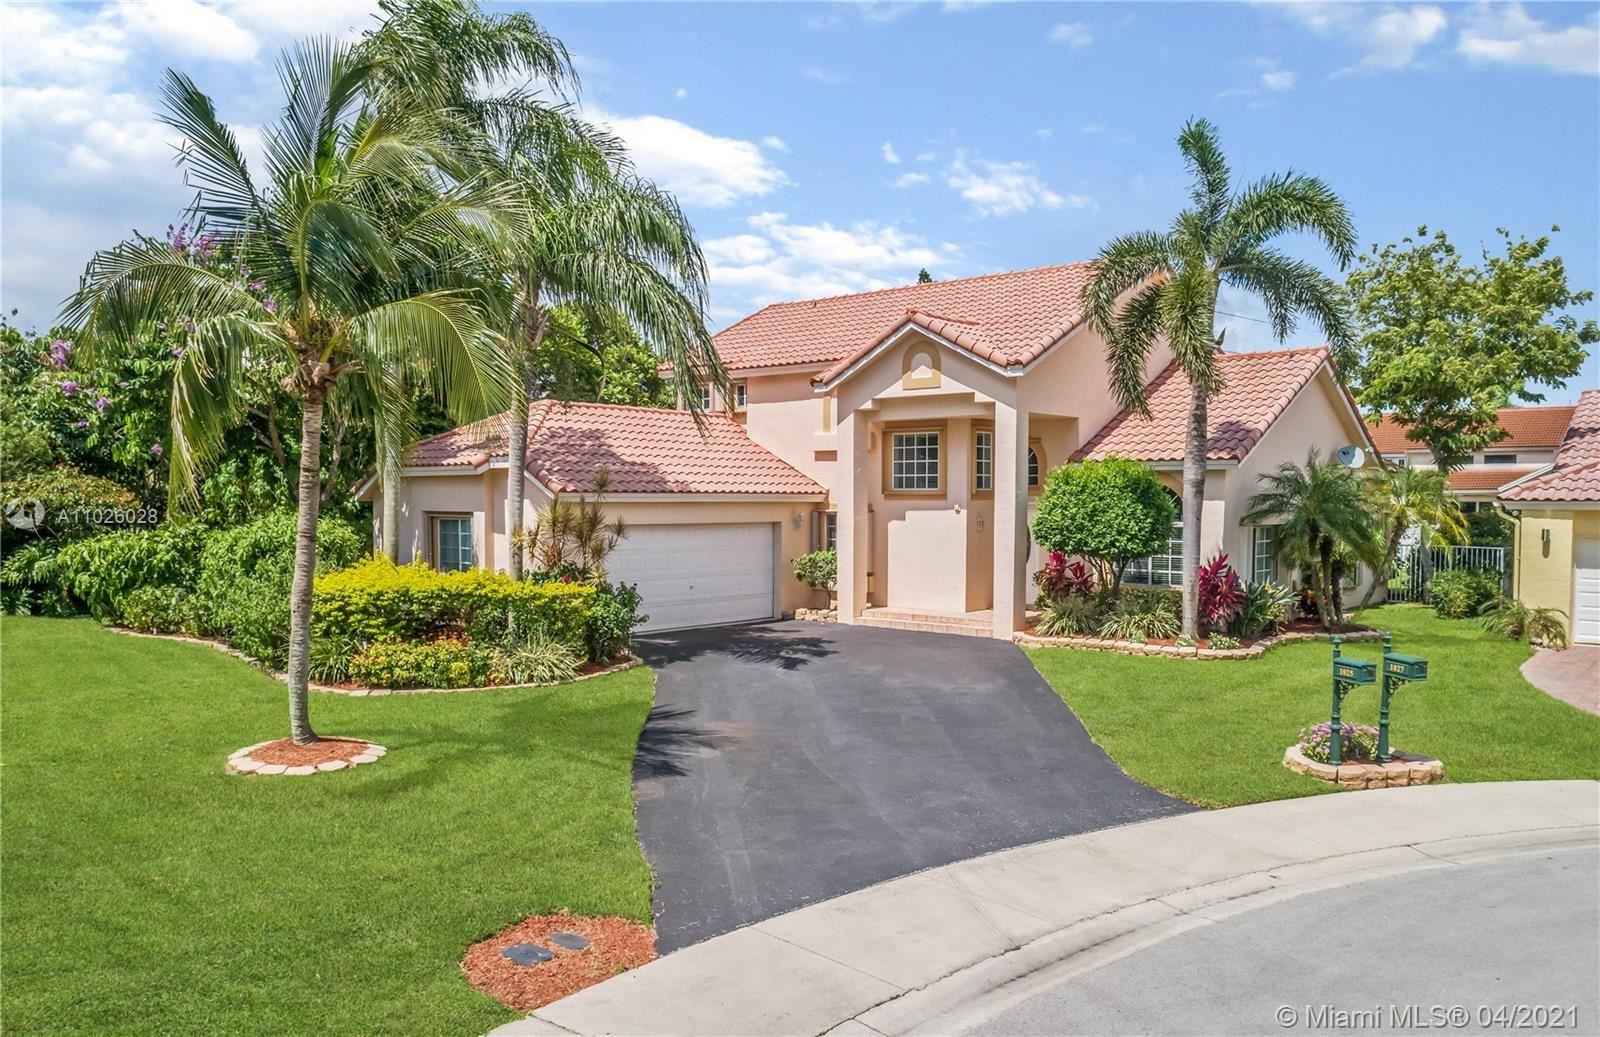 1025 Laguna Springs Dr, Weston, FL 33326 - #: A11026028